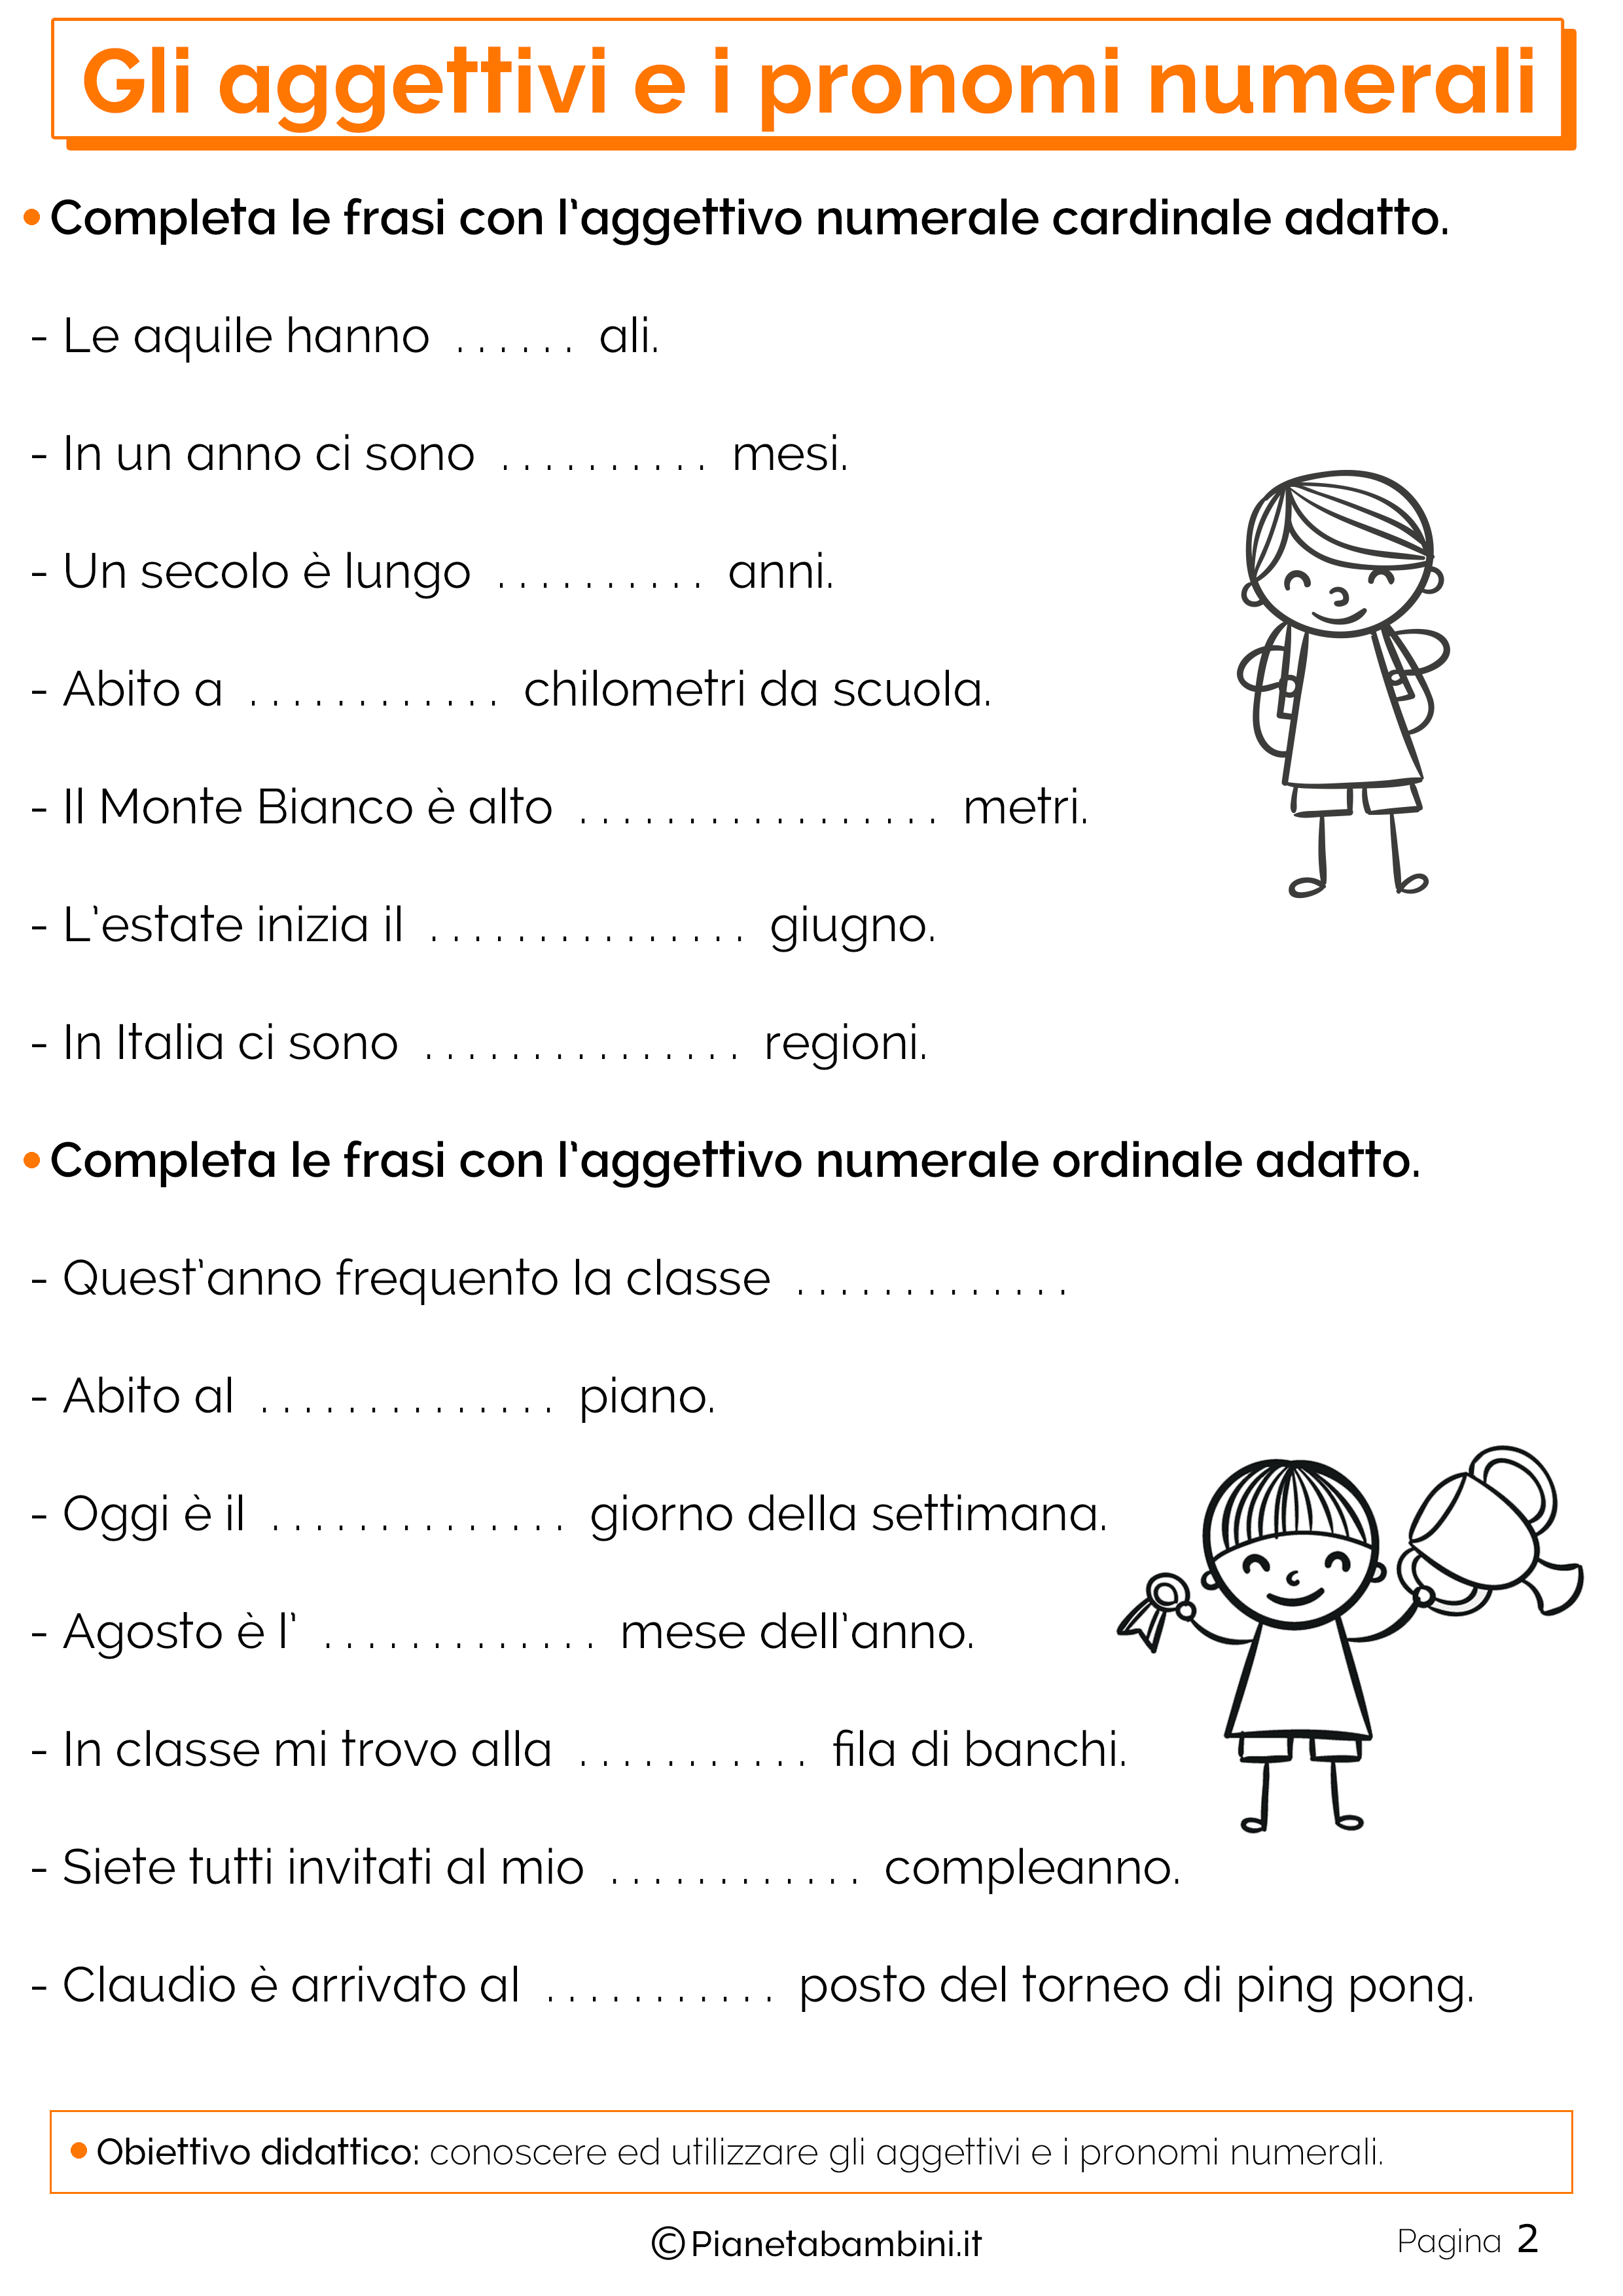 Esercizi sugli aggettivi e pronomi numerali 2